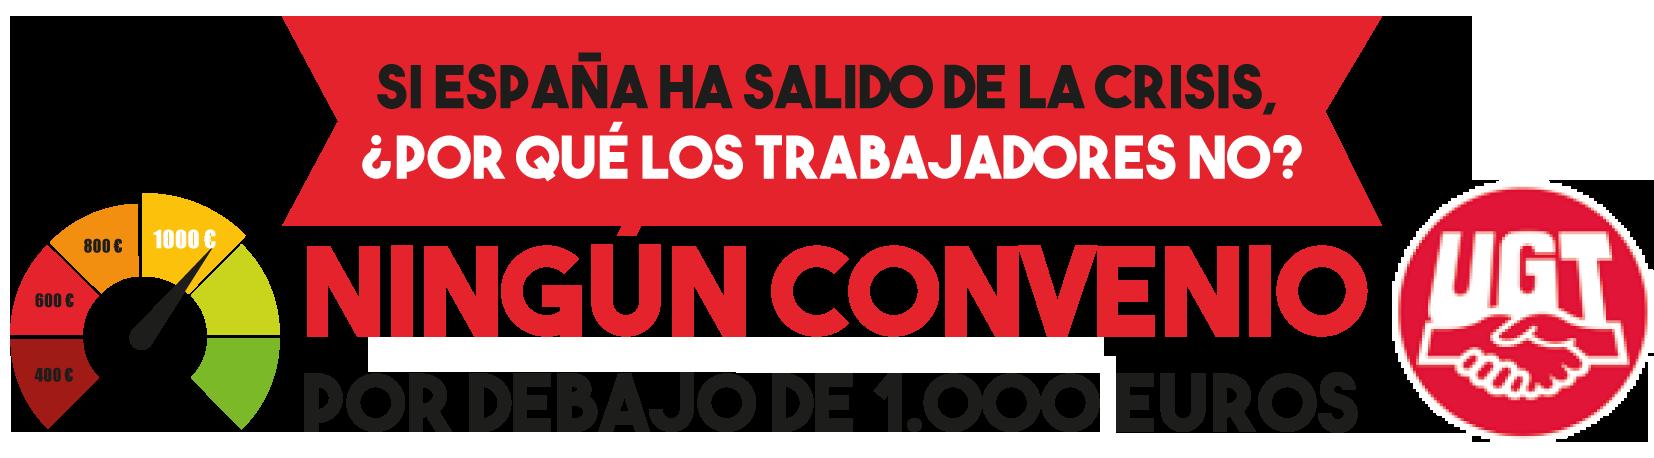 Ningún convenio por debajo de los 1.000 €. España ha salido de la crisis pero los trabajadores no